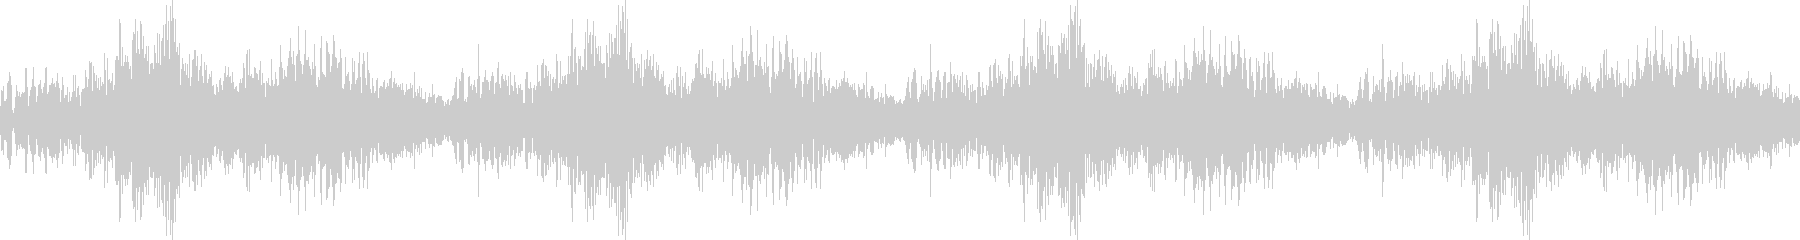 アラート音 LOOP有り 危険度高の未再生の波形